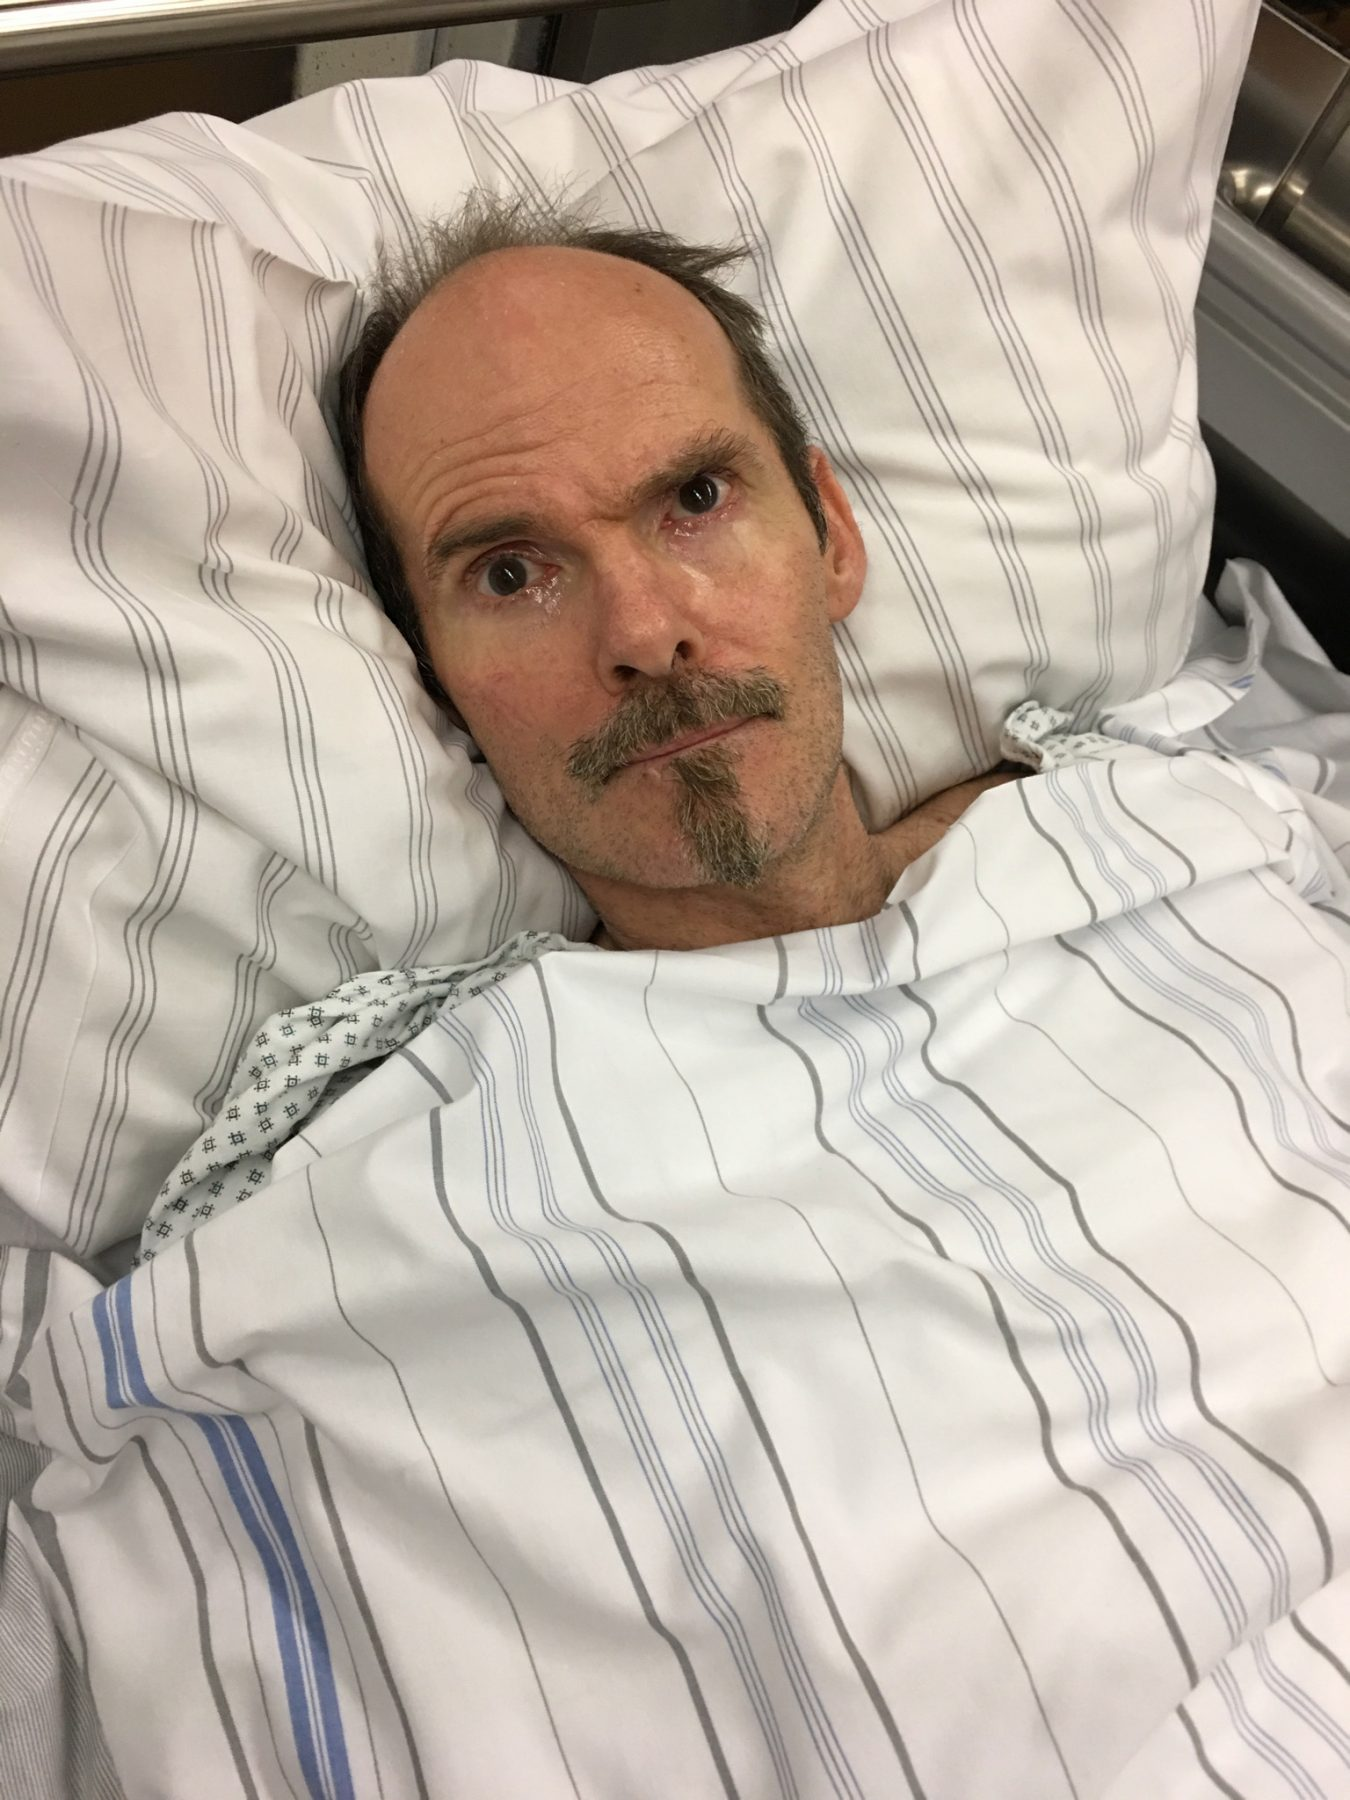 Stefan ängstlich nach einem epileptischen Anfall zuhause und Notarzteinlieferung ins Krankenhaus. Dort in ein Bett gepackt, auf dem Flur geparkt, dann wohl vergessen. Nach Stunden fährt eine völlig entnervte Heike Stefan wieder nach Hause - ununtersucht.